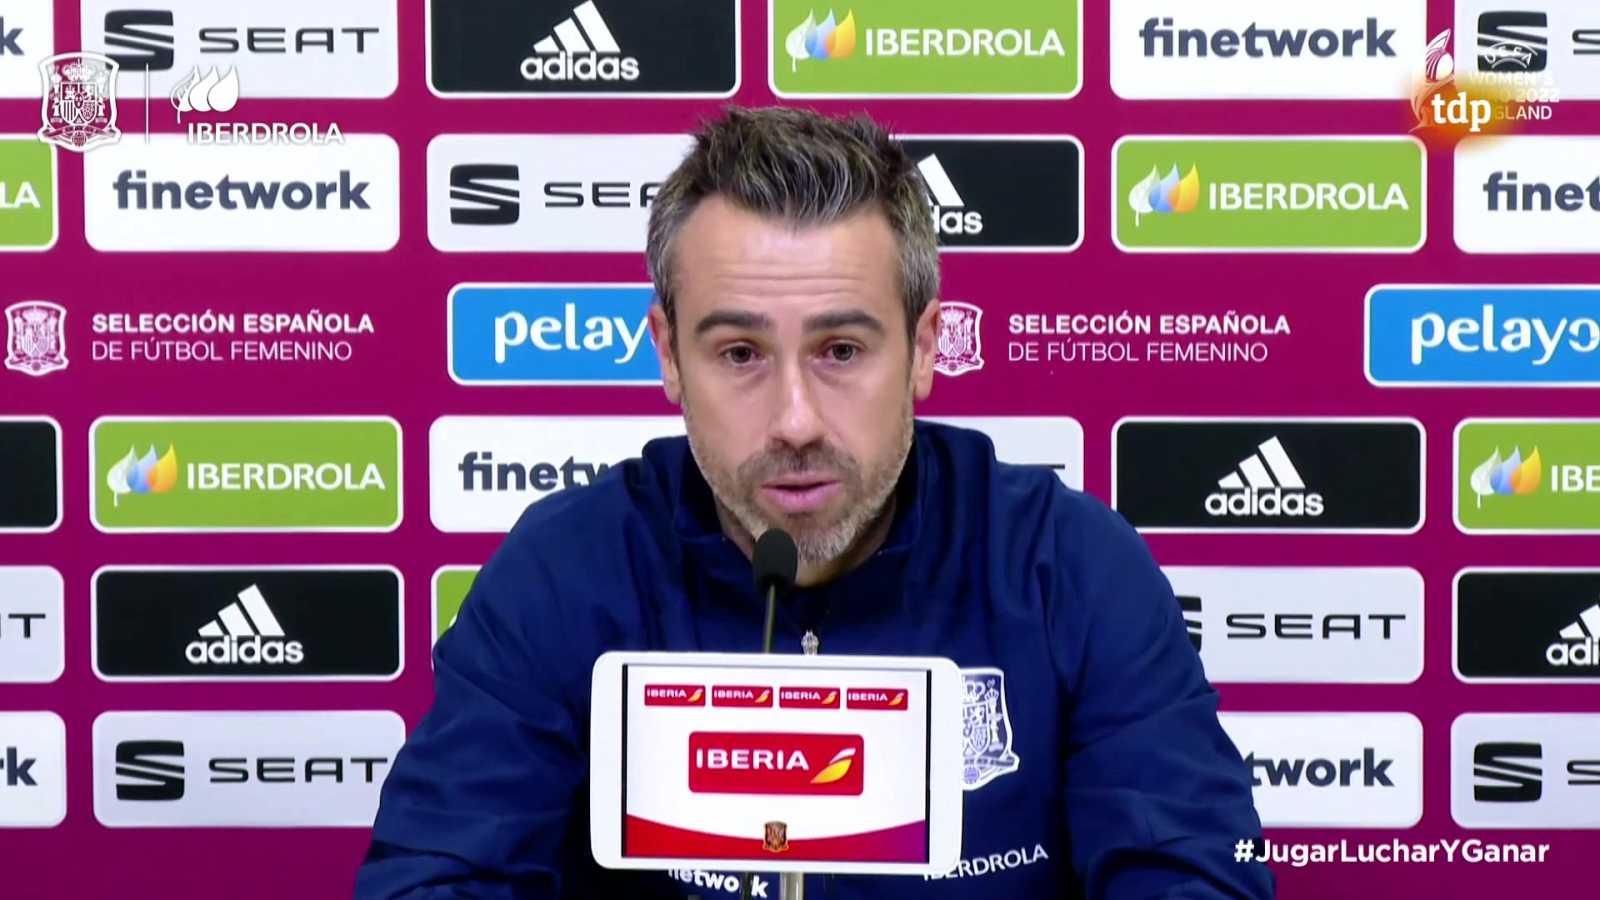 Fútbol - Convocatoria Selección Española Femenina. Rueda de prensa de Jorge Vilda - ver ahora